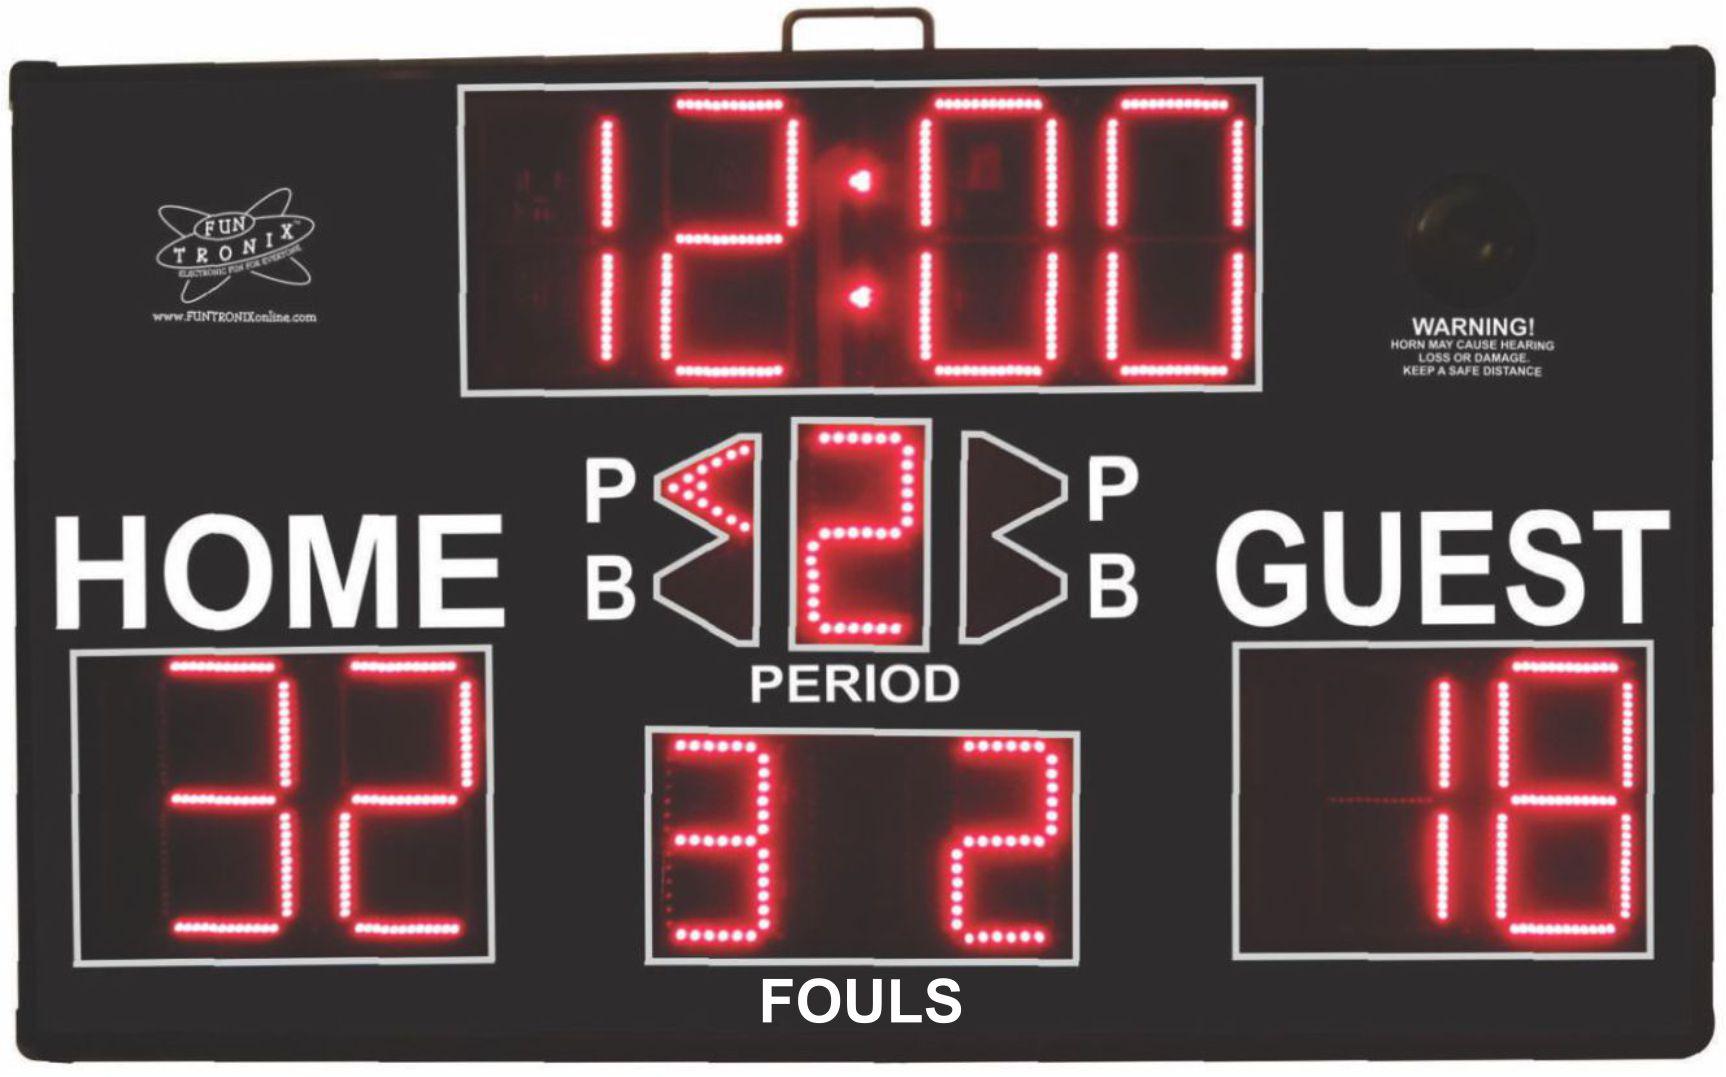 SNT-800M Portable Scoreboard